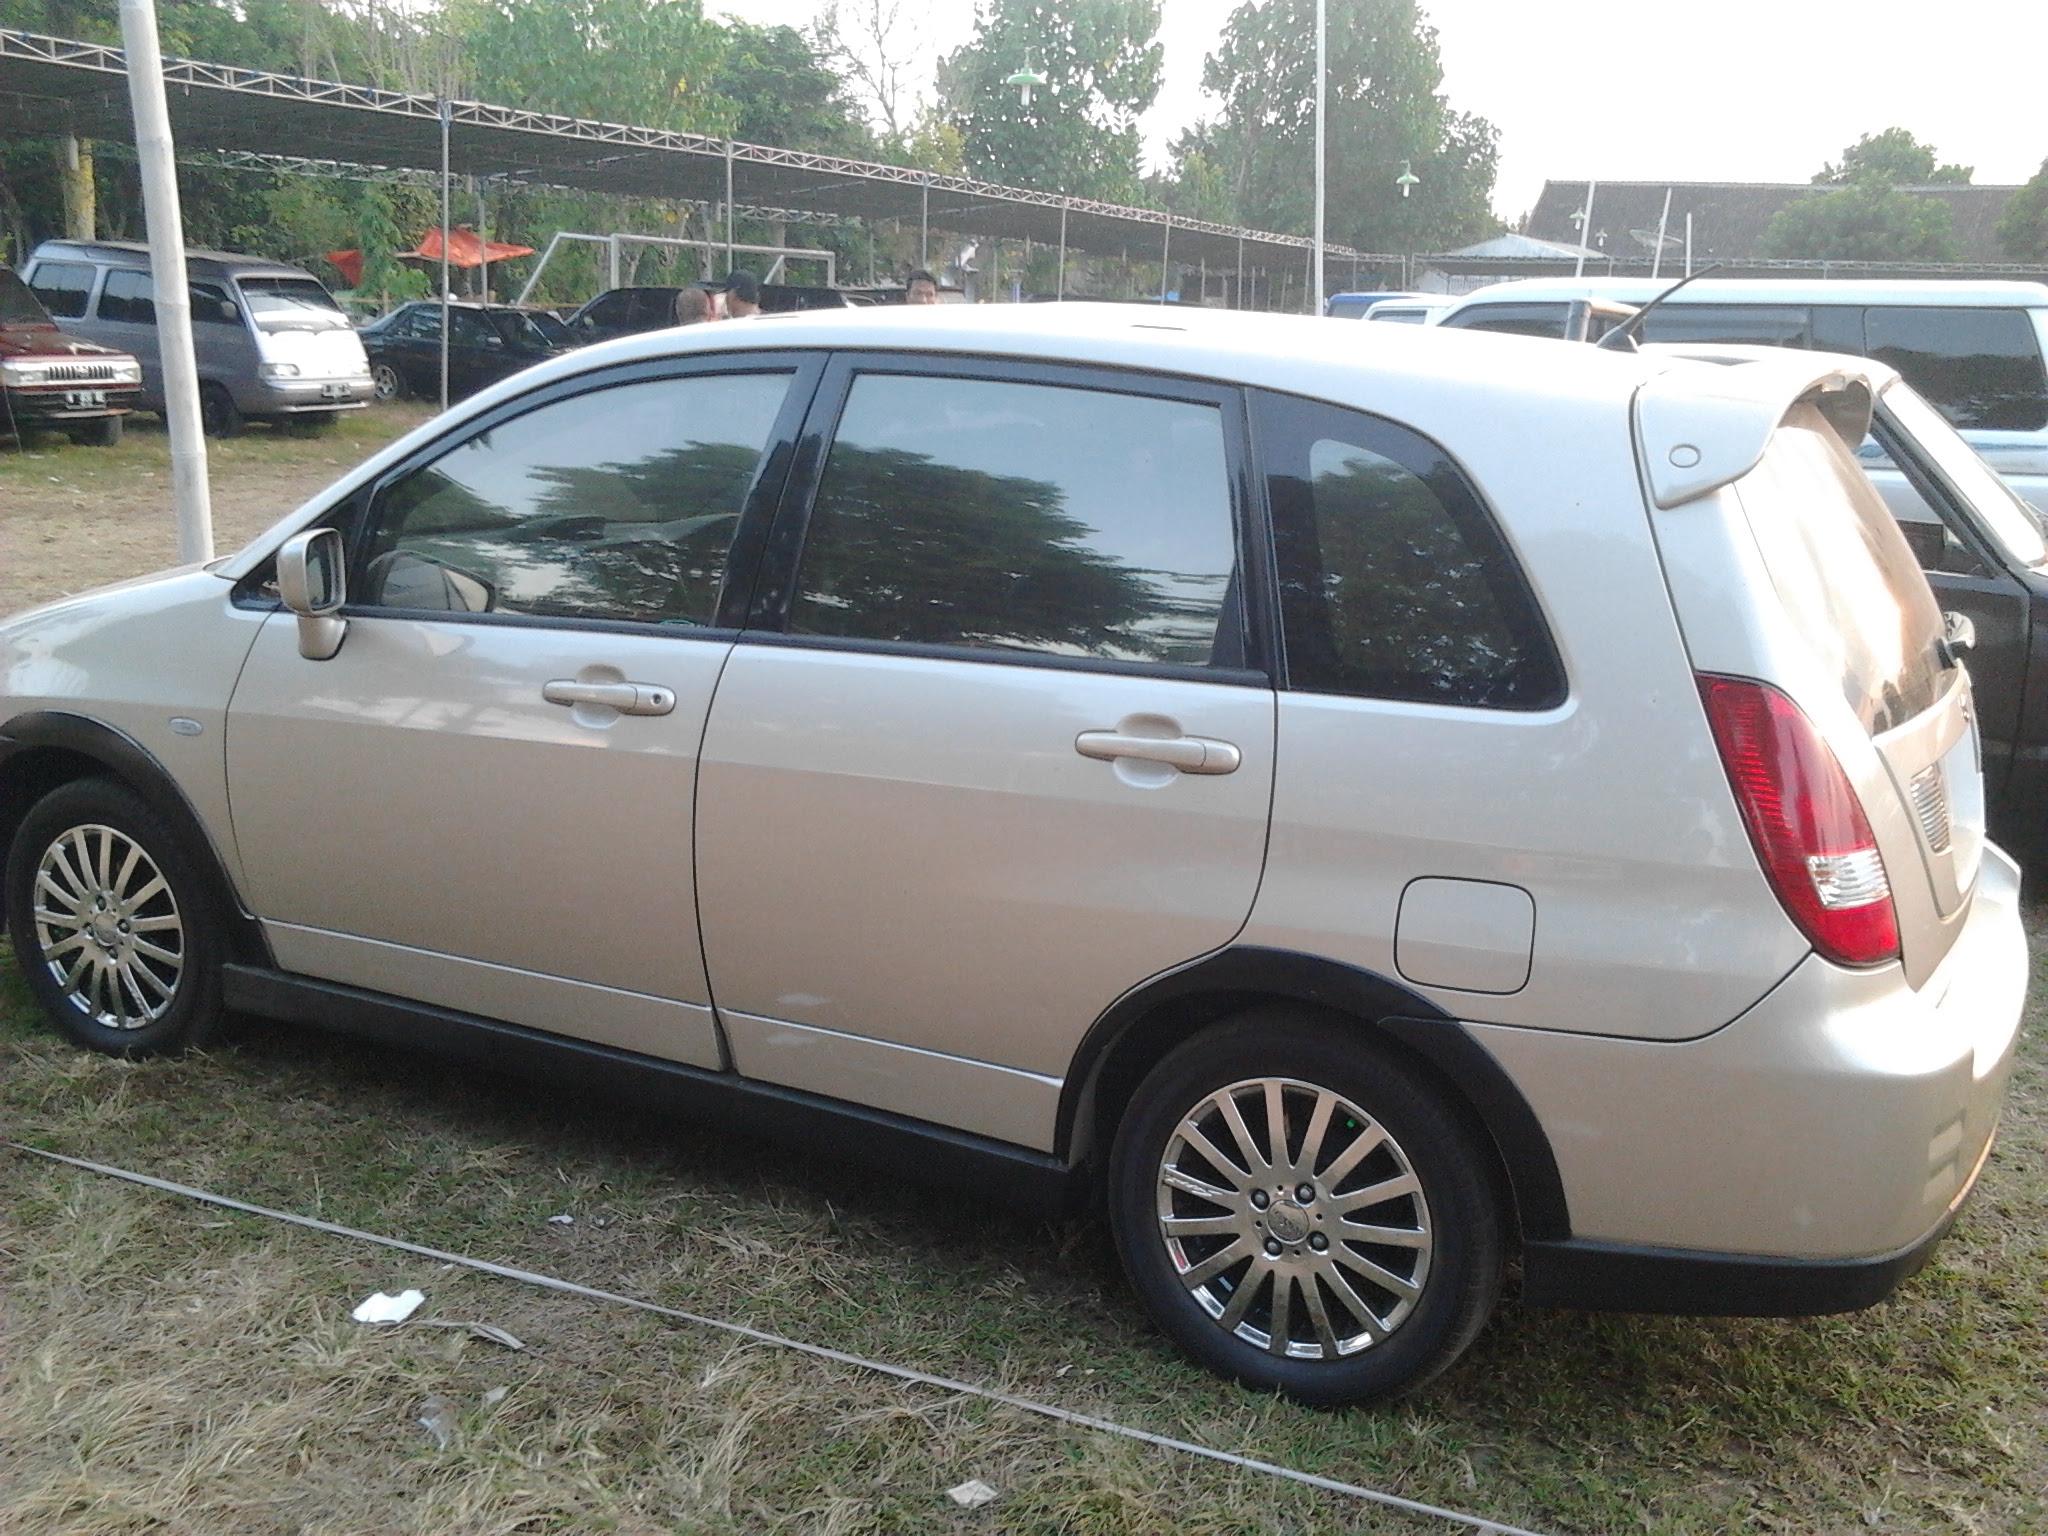 Mobil Murah Mobil Bekas Murah Jual Mobil Murah Harga Harga ...